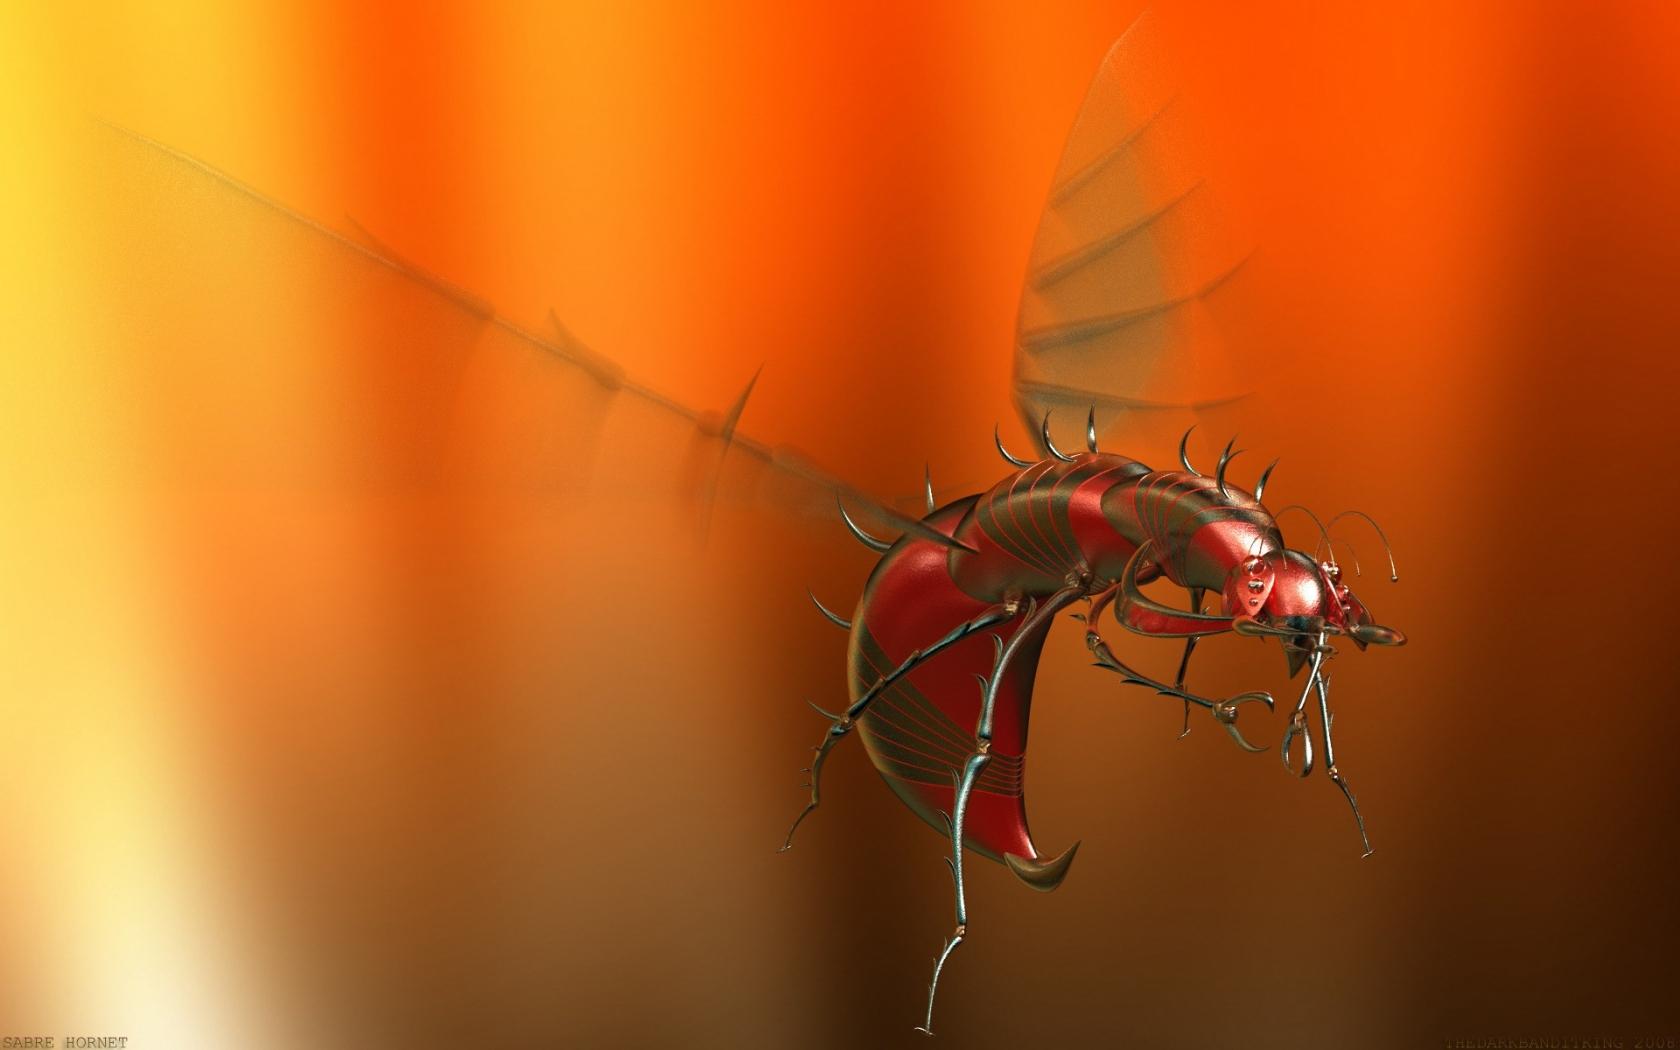 3d Wallpaper Hd 1680x1050: Un Insecto 3D Hd 1680x1050